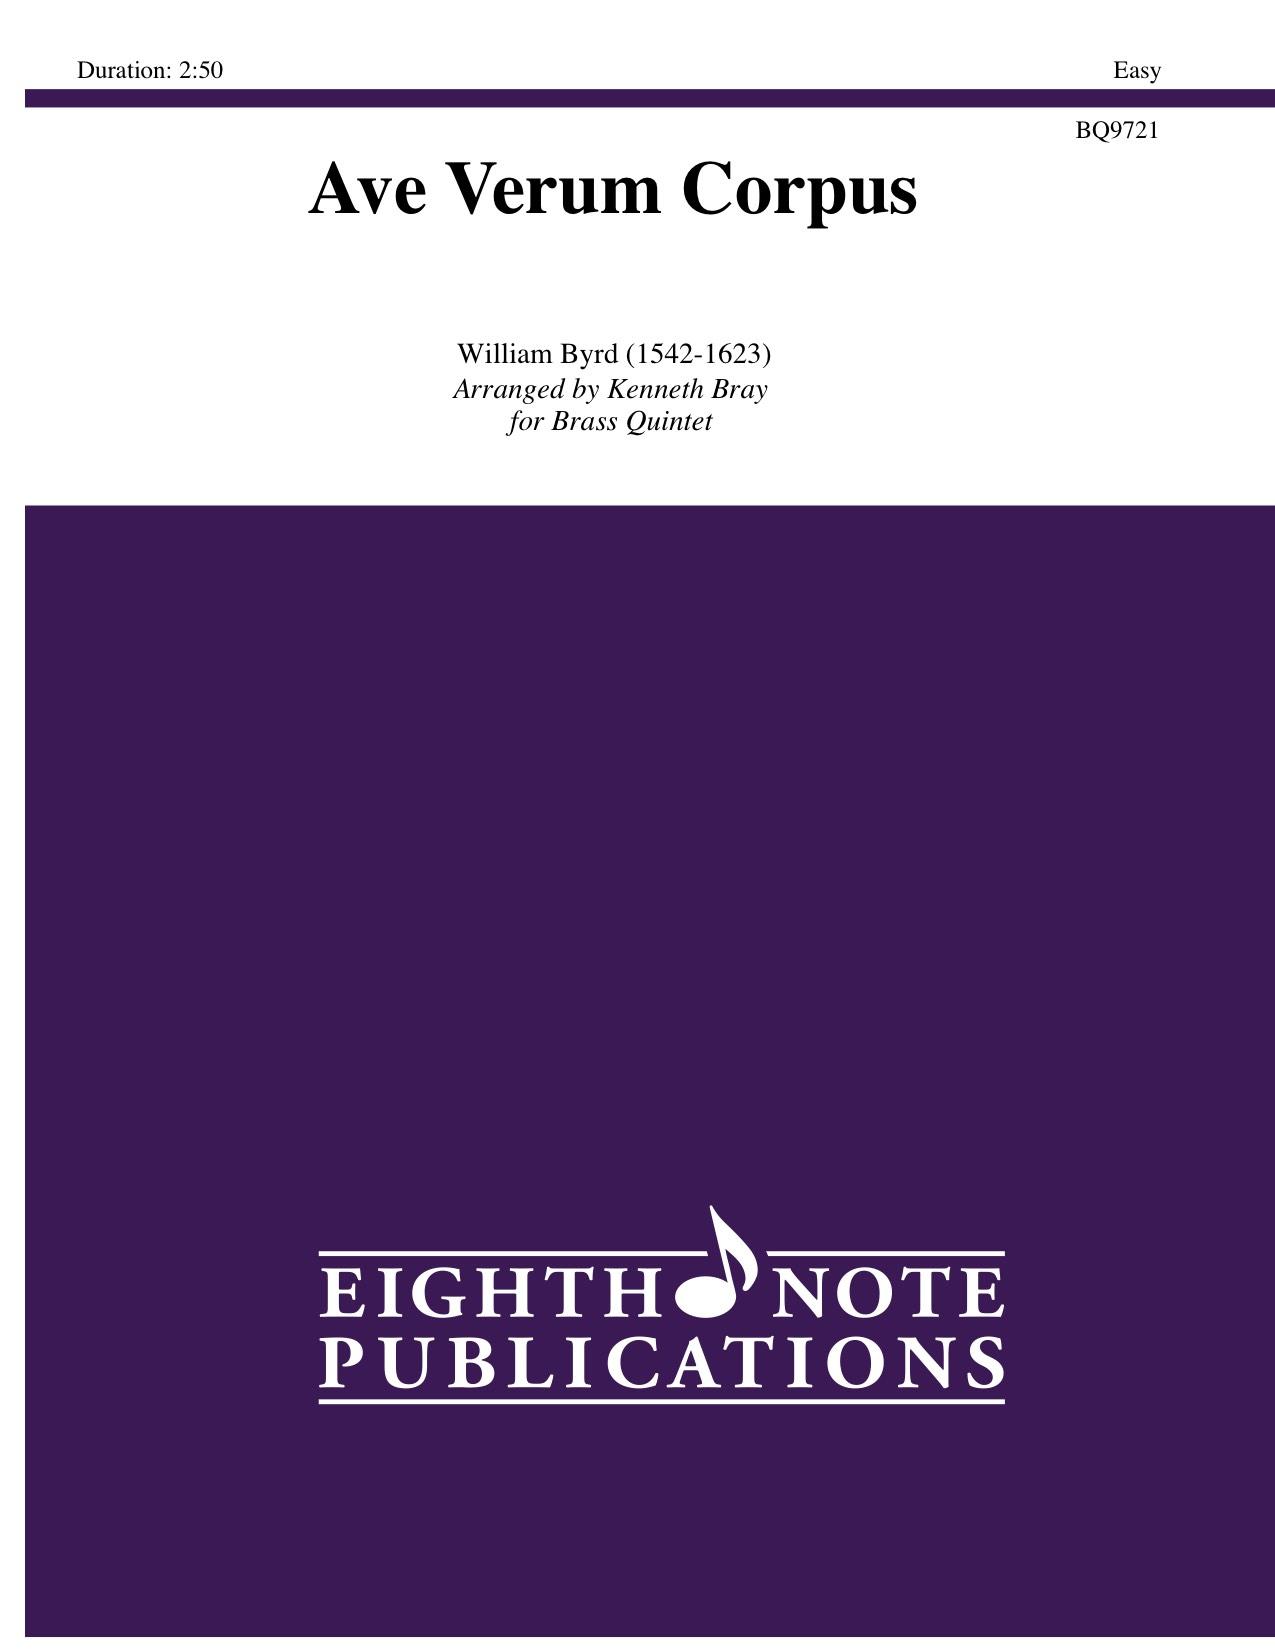 Ave Verum Corpus - William Byrd